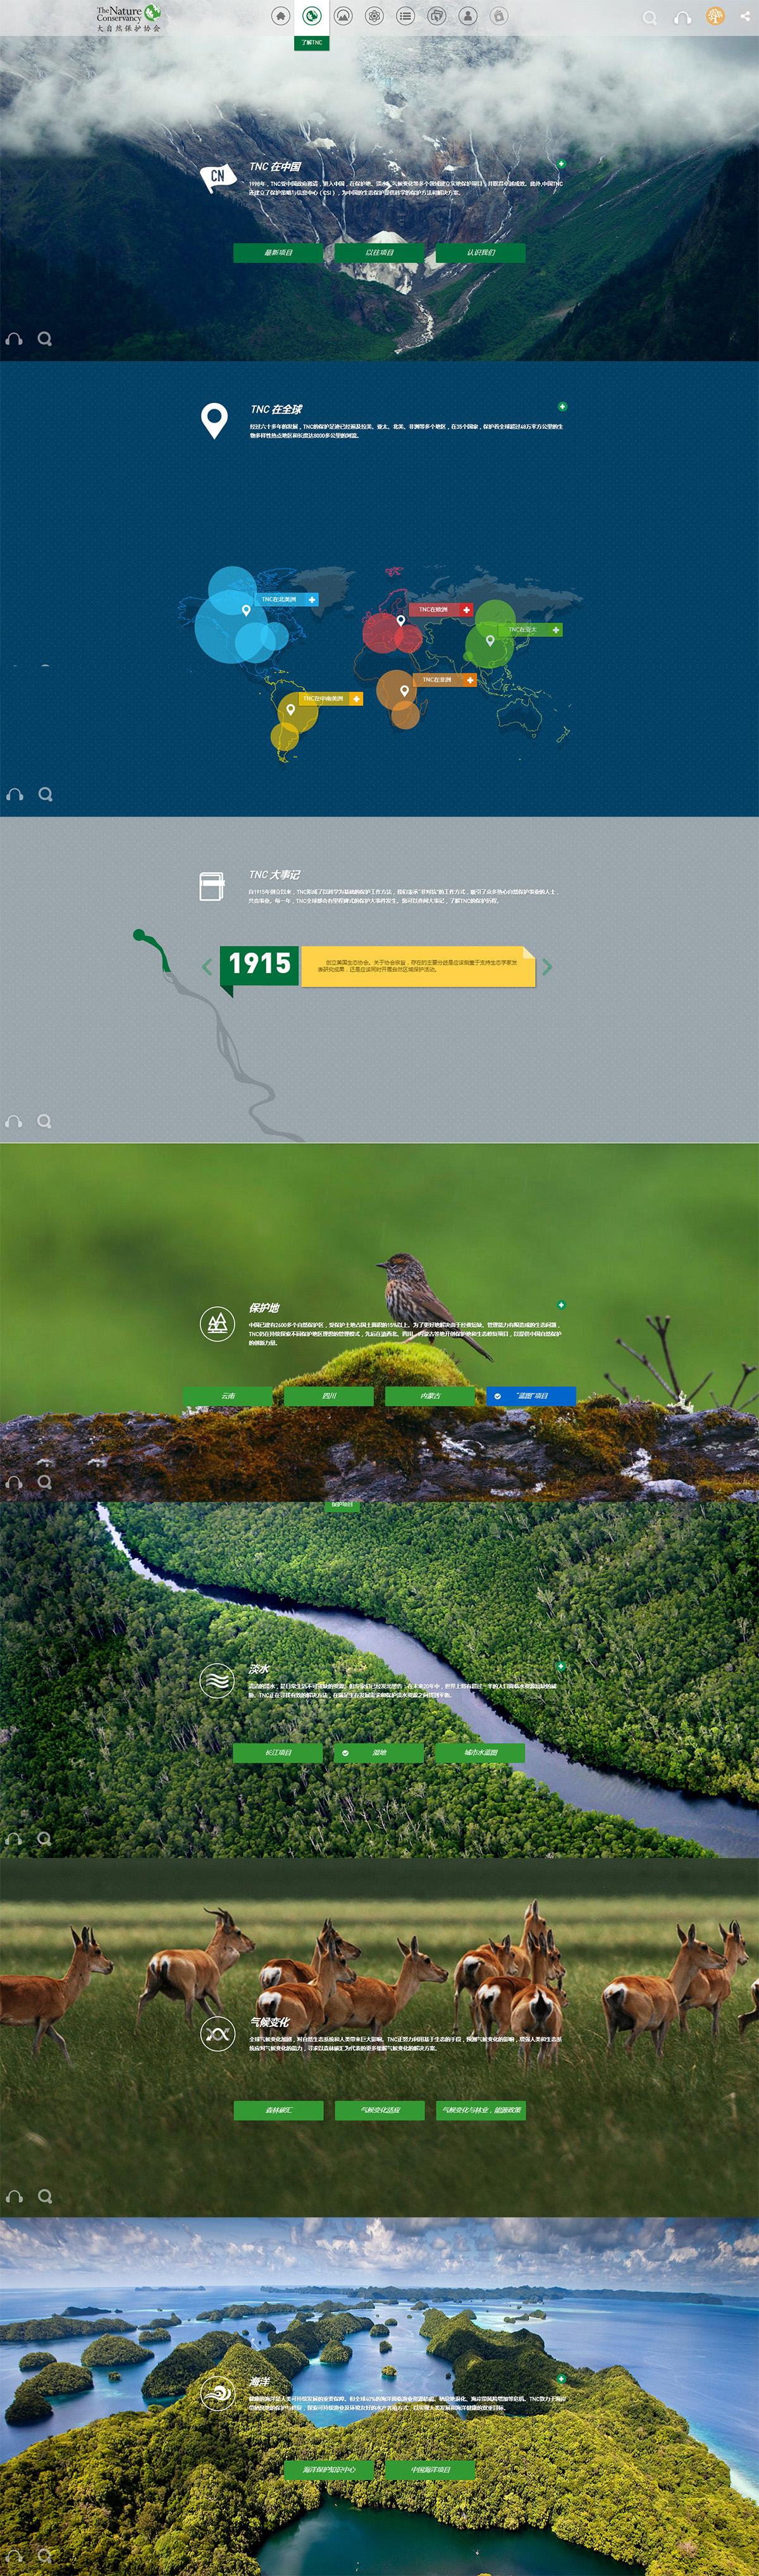 大自然保护协会协会案例图片